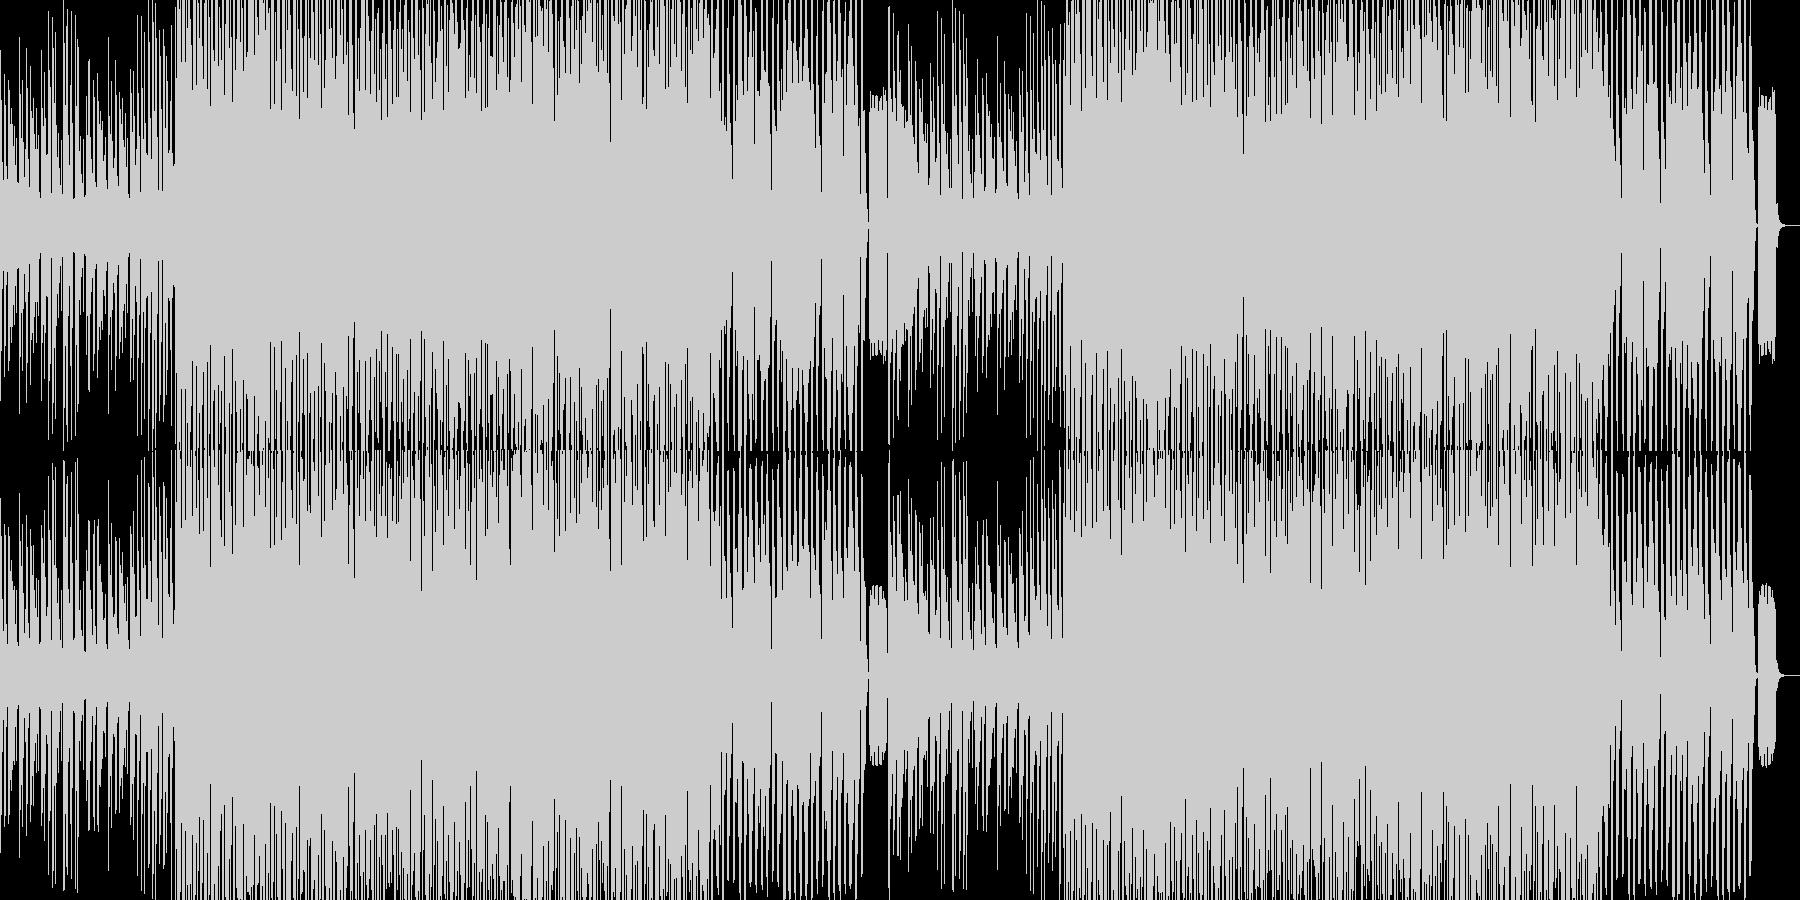 キャッチーなパーティーシンセポップの未再生の波形